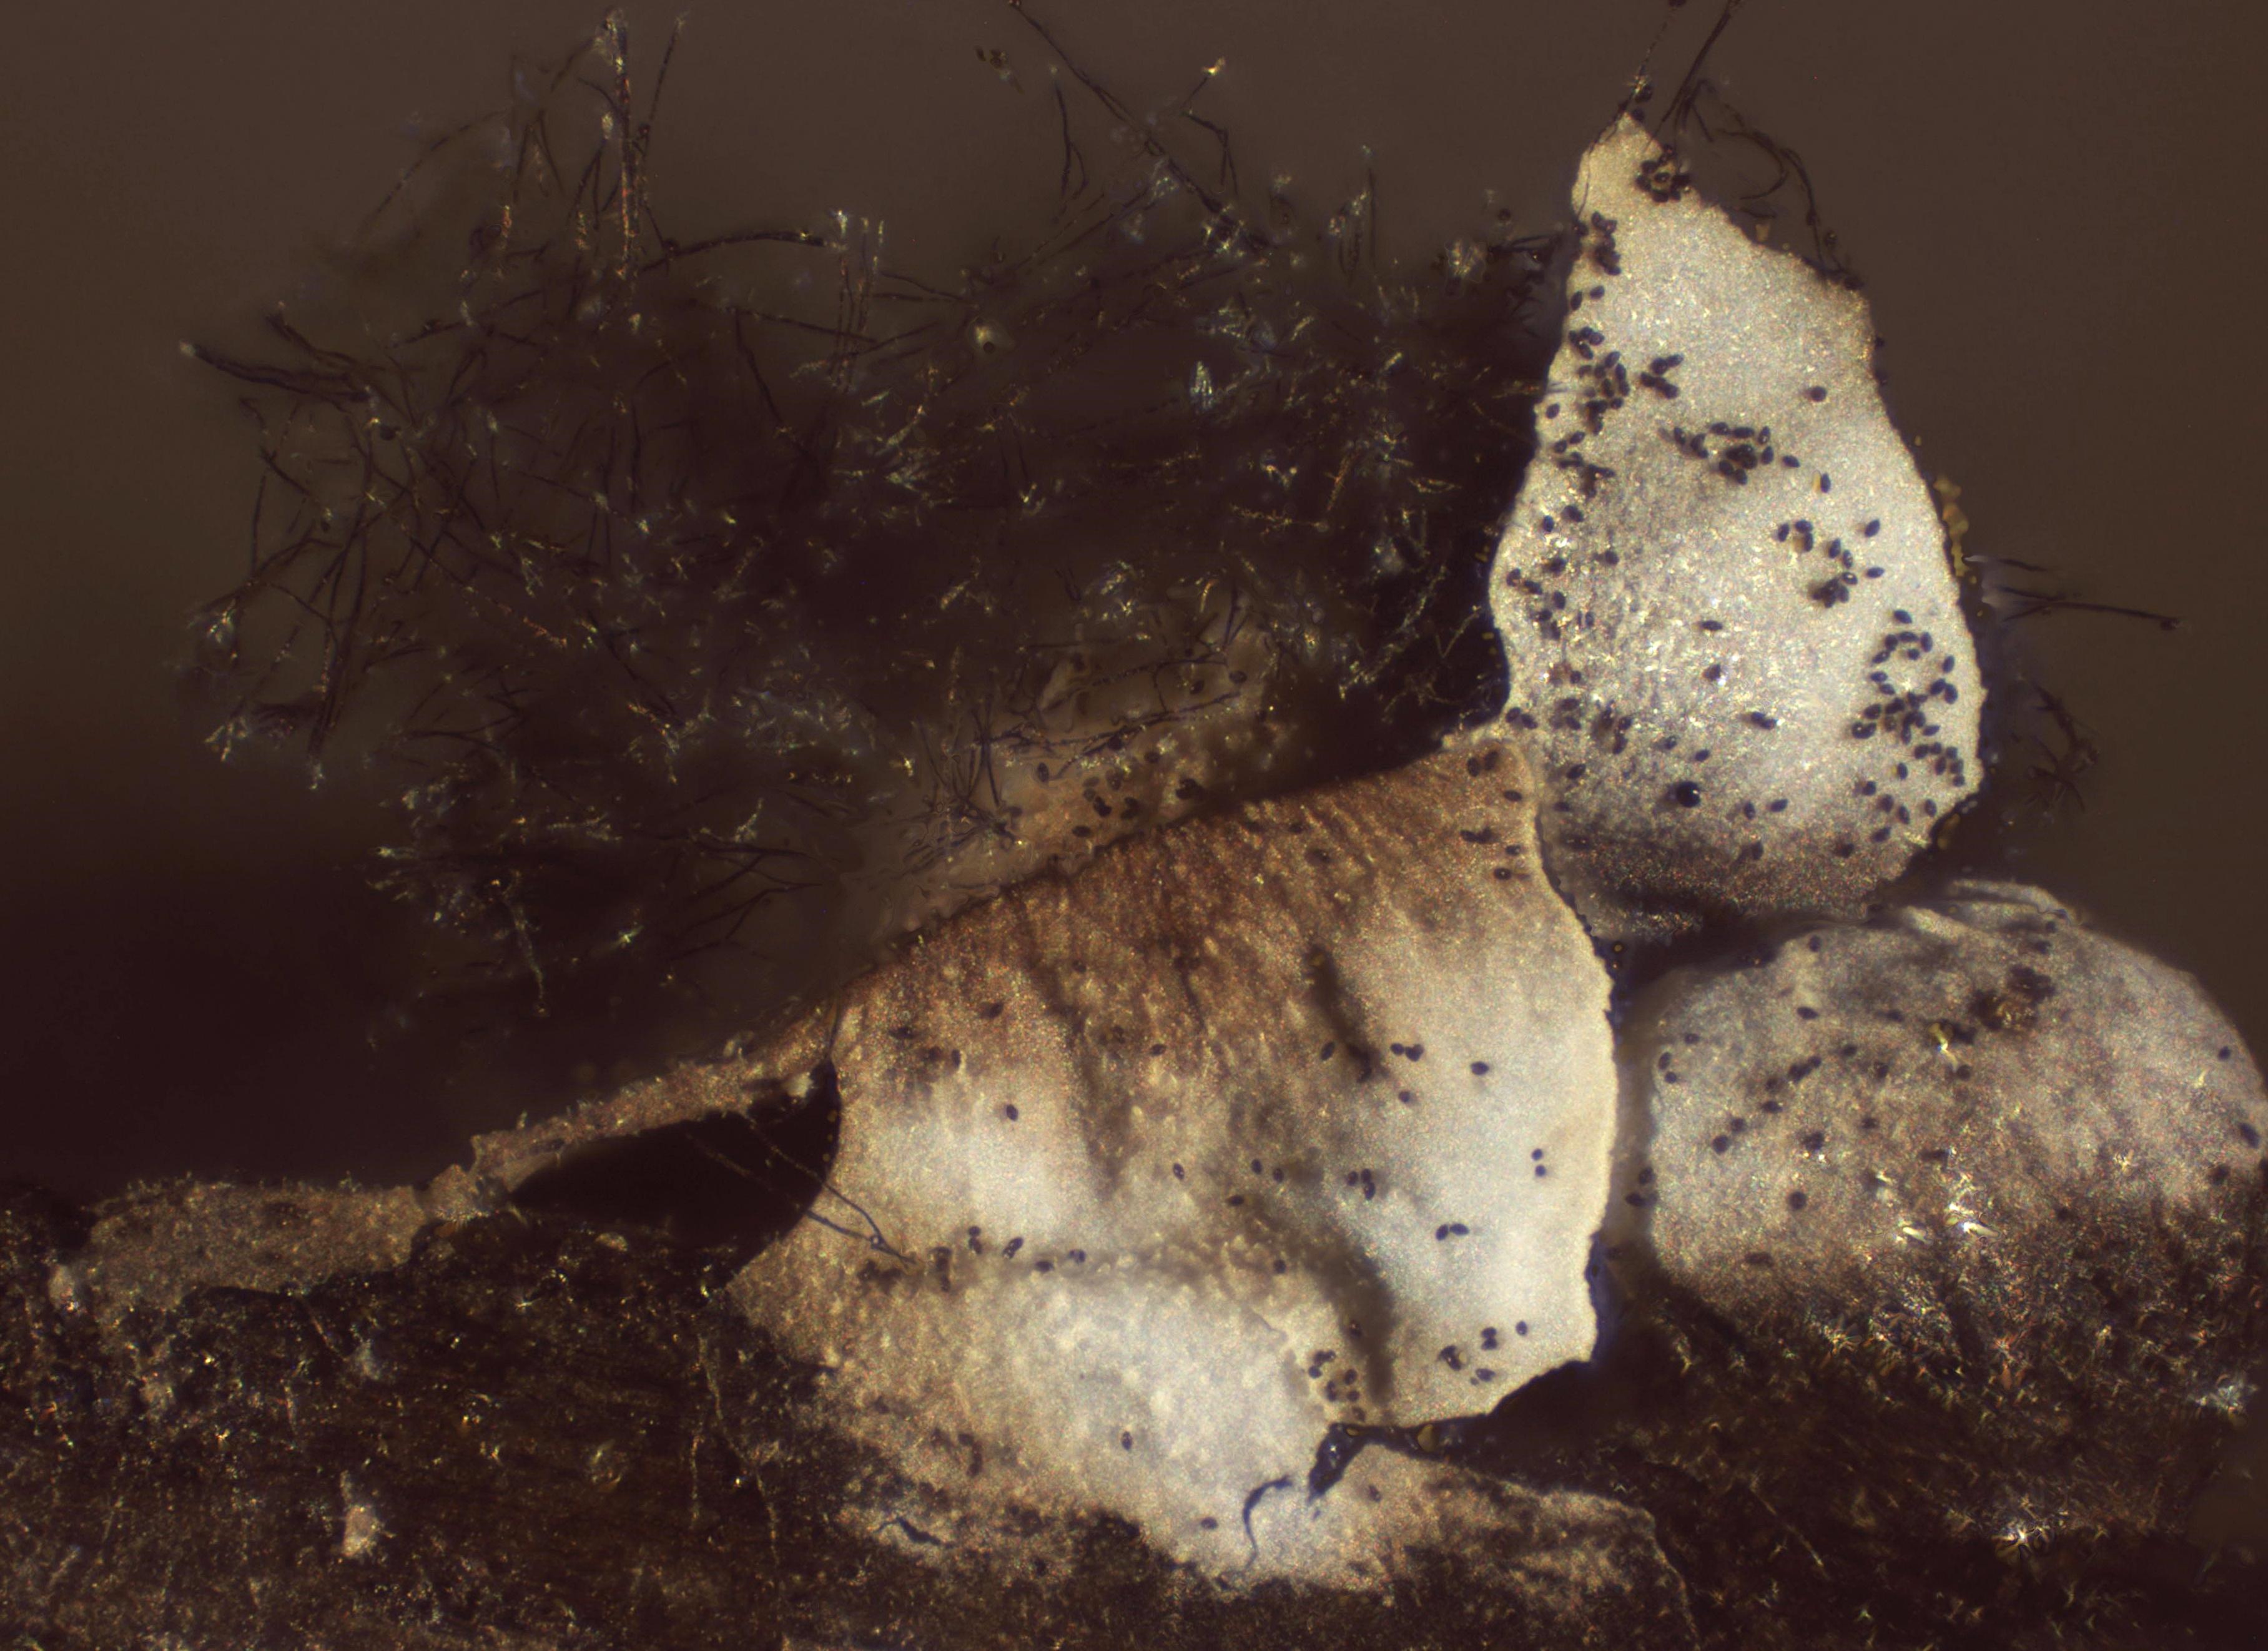 Diderma umbilicatum image